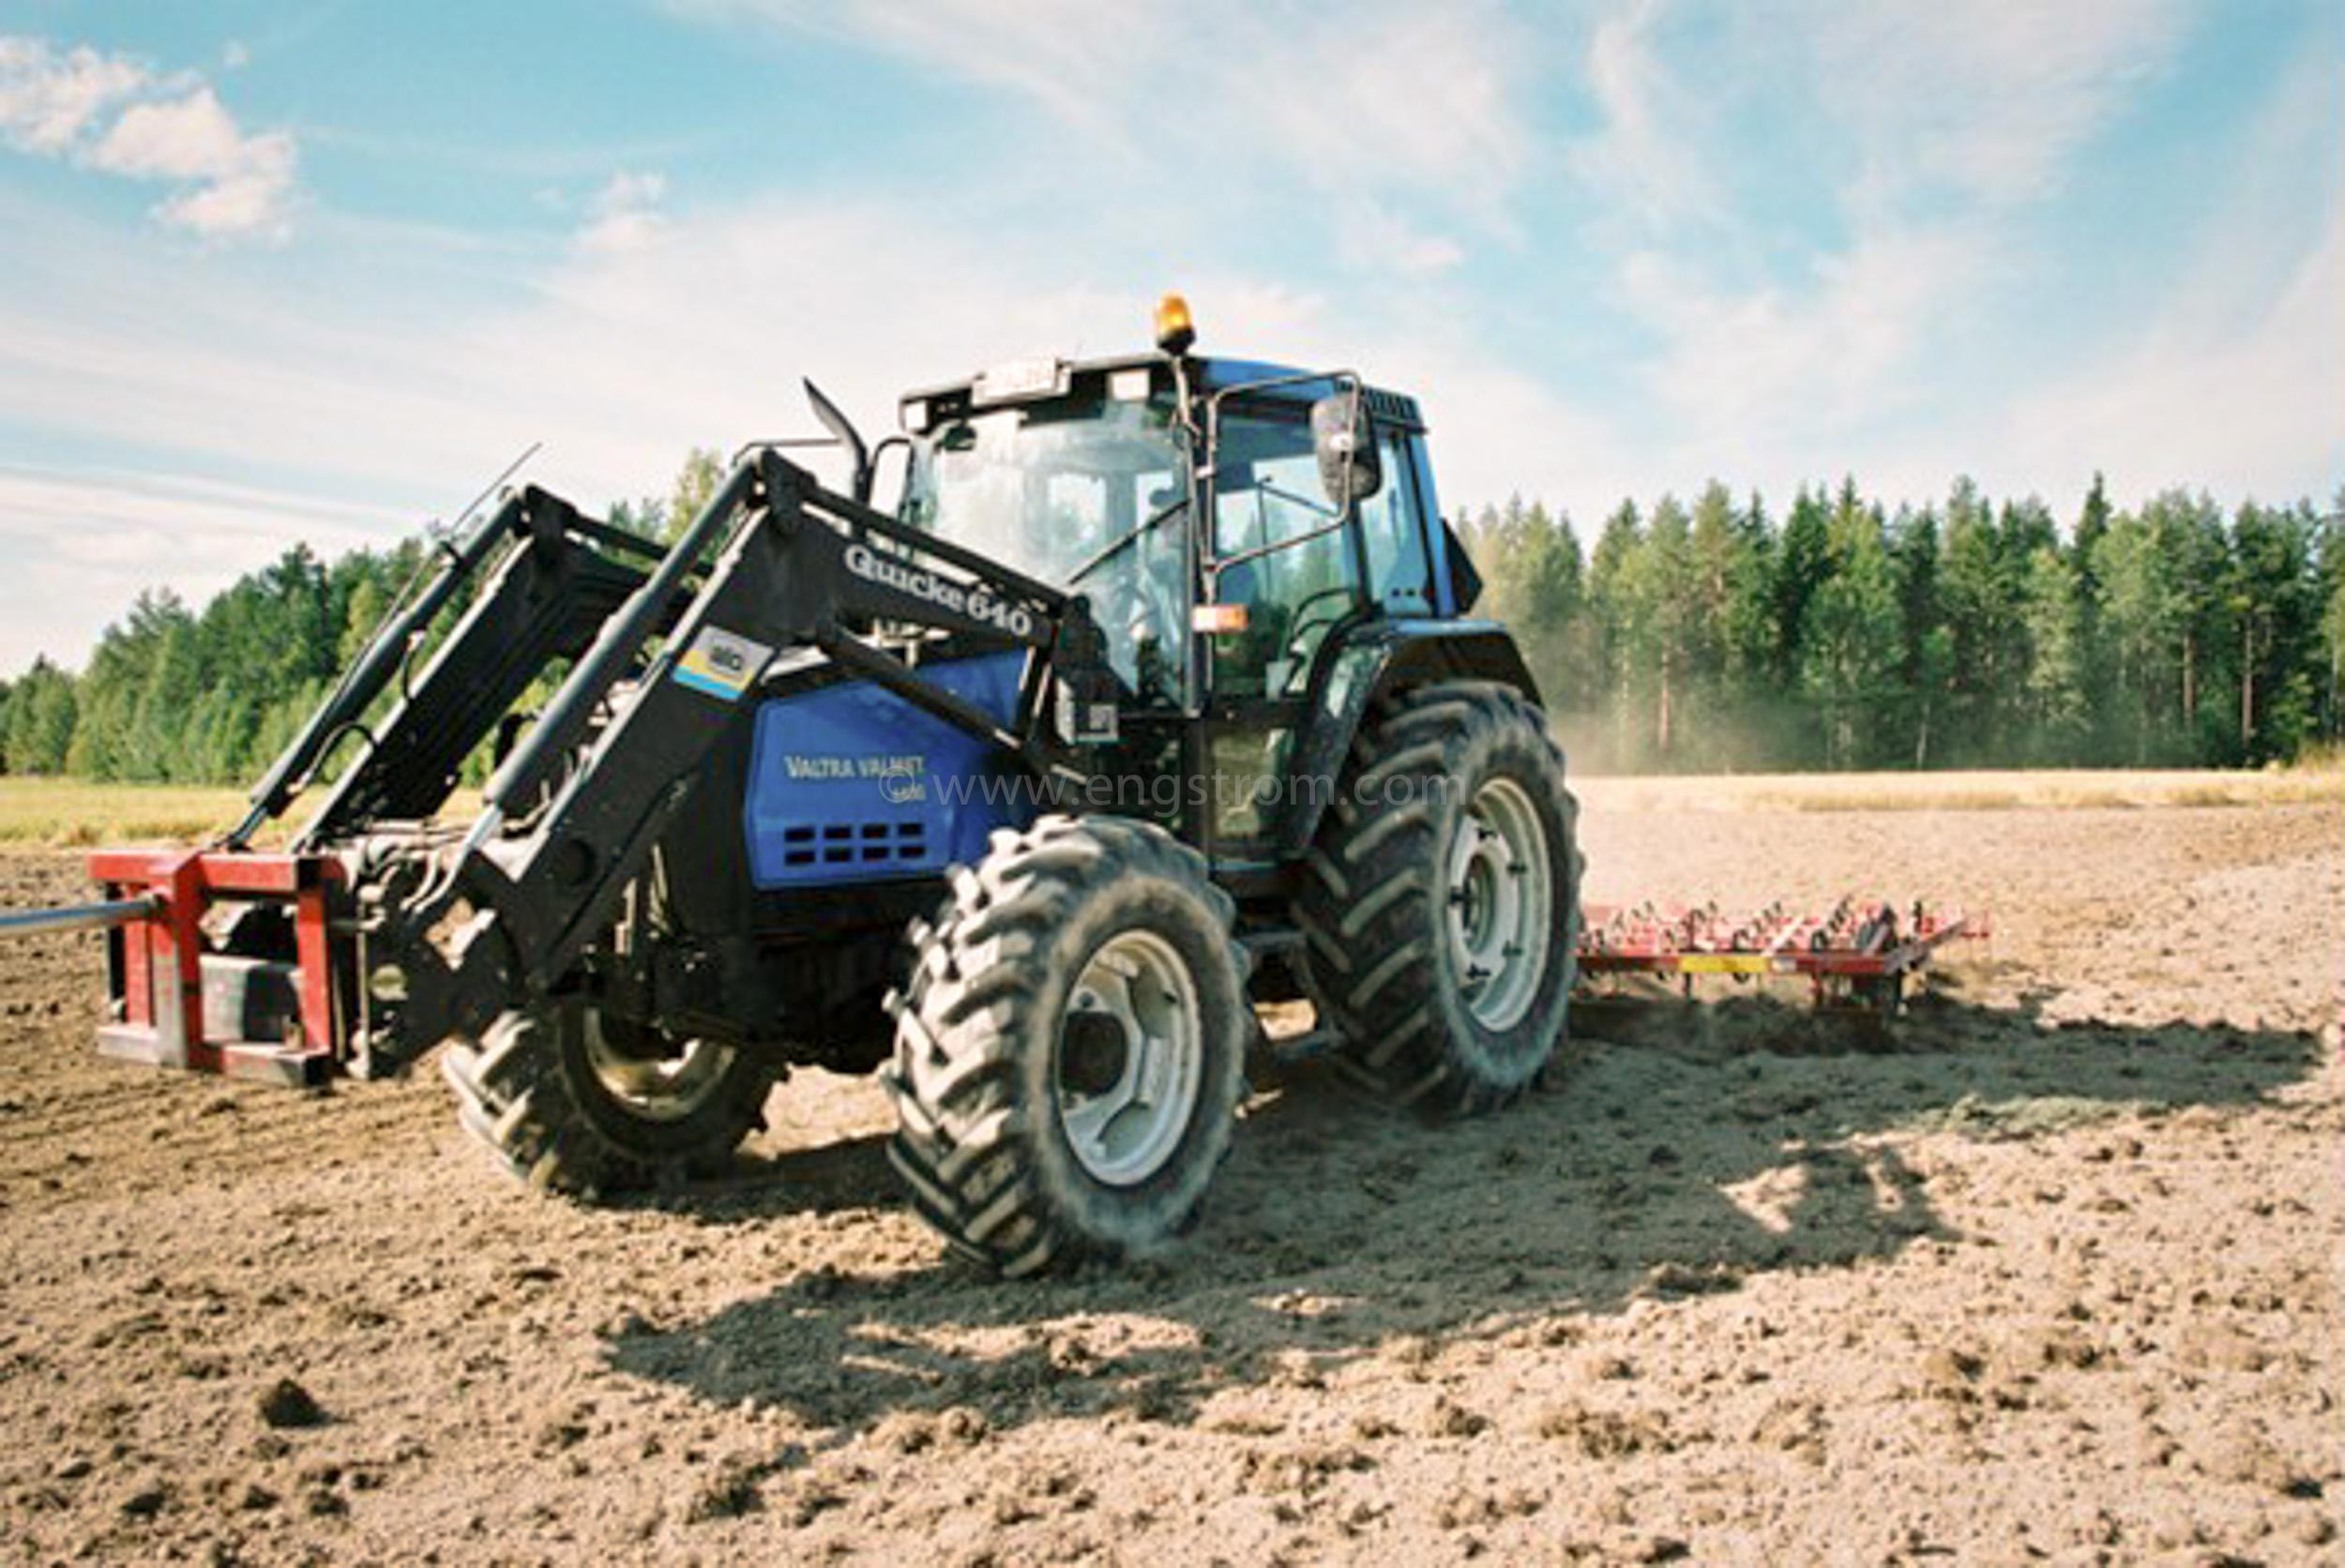 JE0425_041, Såbäddsberedning inför höstsådd av vete. Stocksbo hösten 2004, Jonas Engström